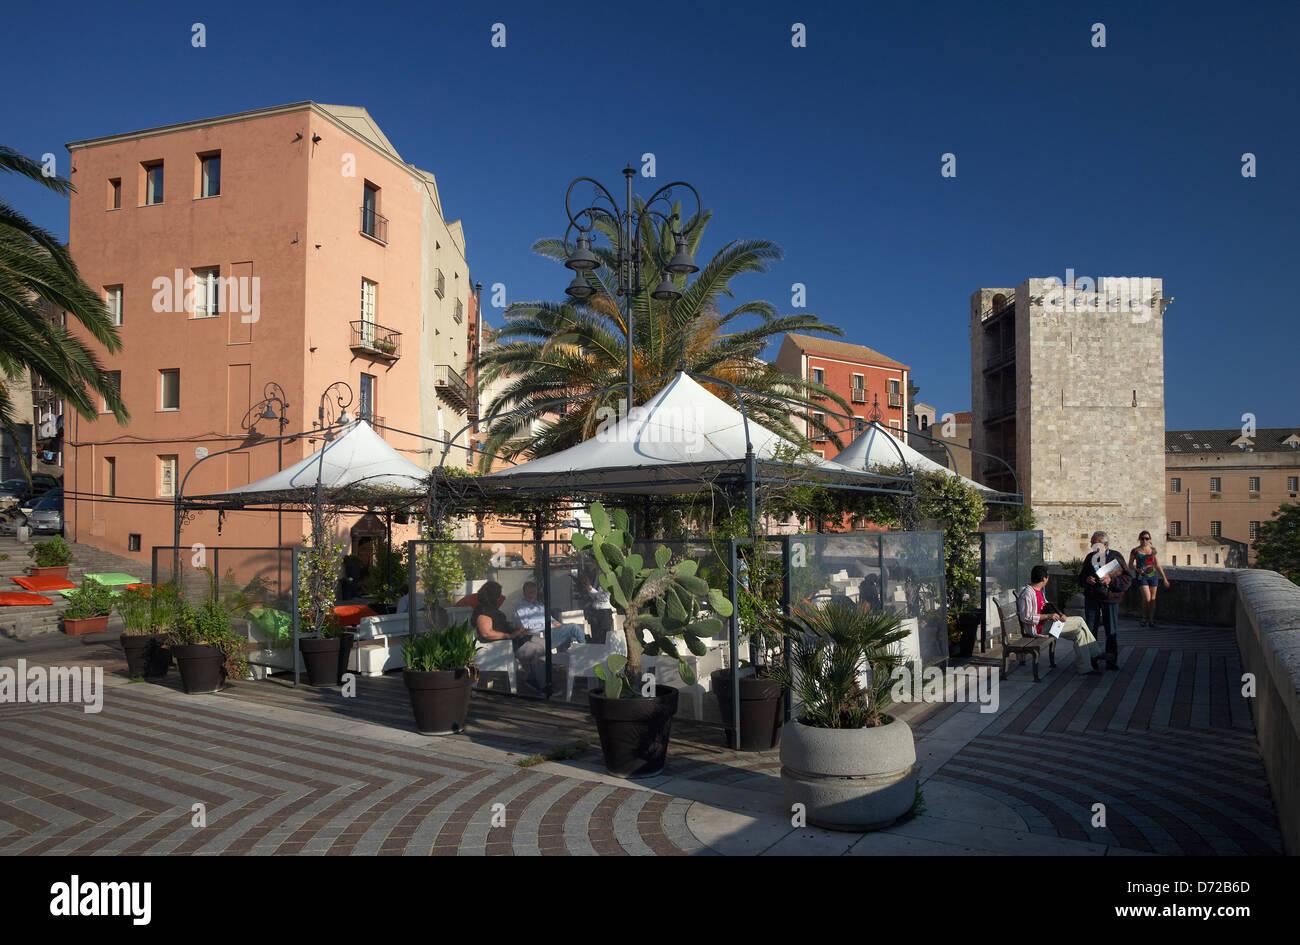 Buffet Italiano Cagliari : Cagliari italien das café libarium nostrum stockfoto bild